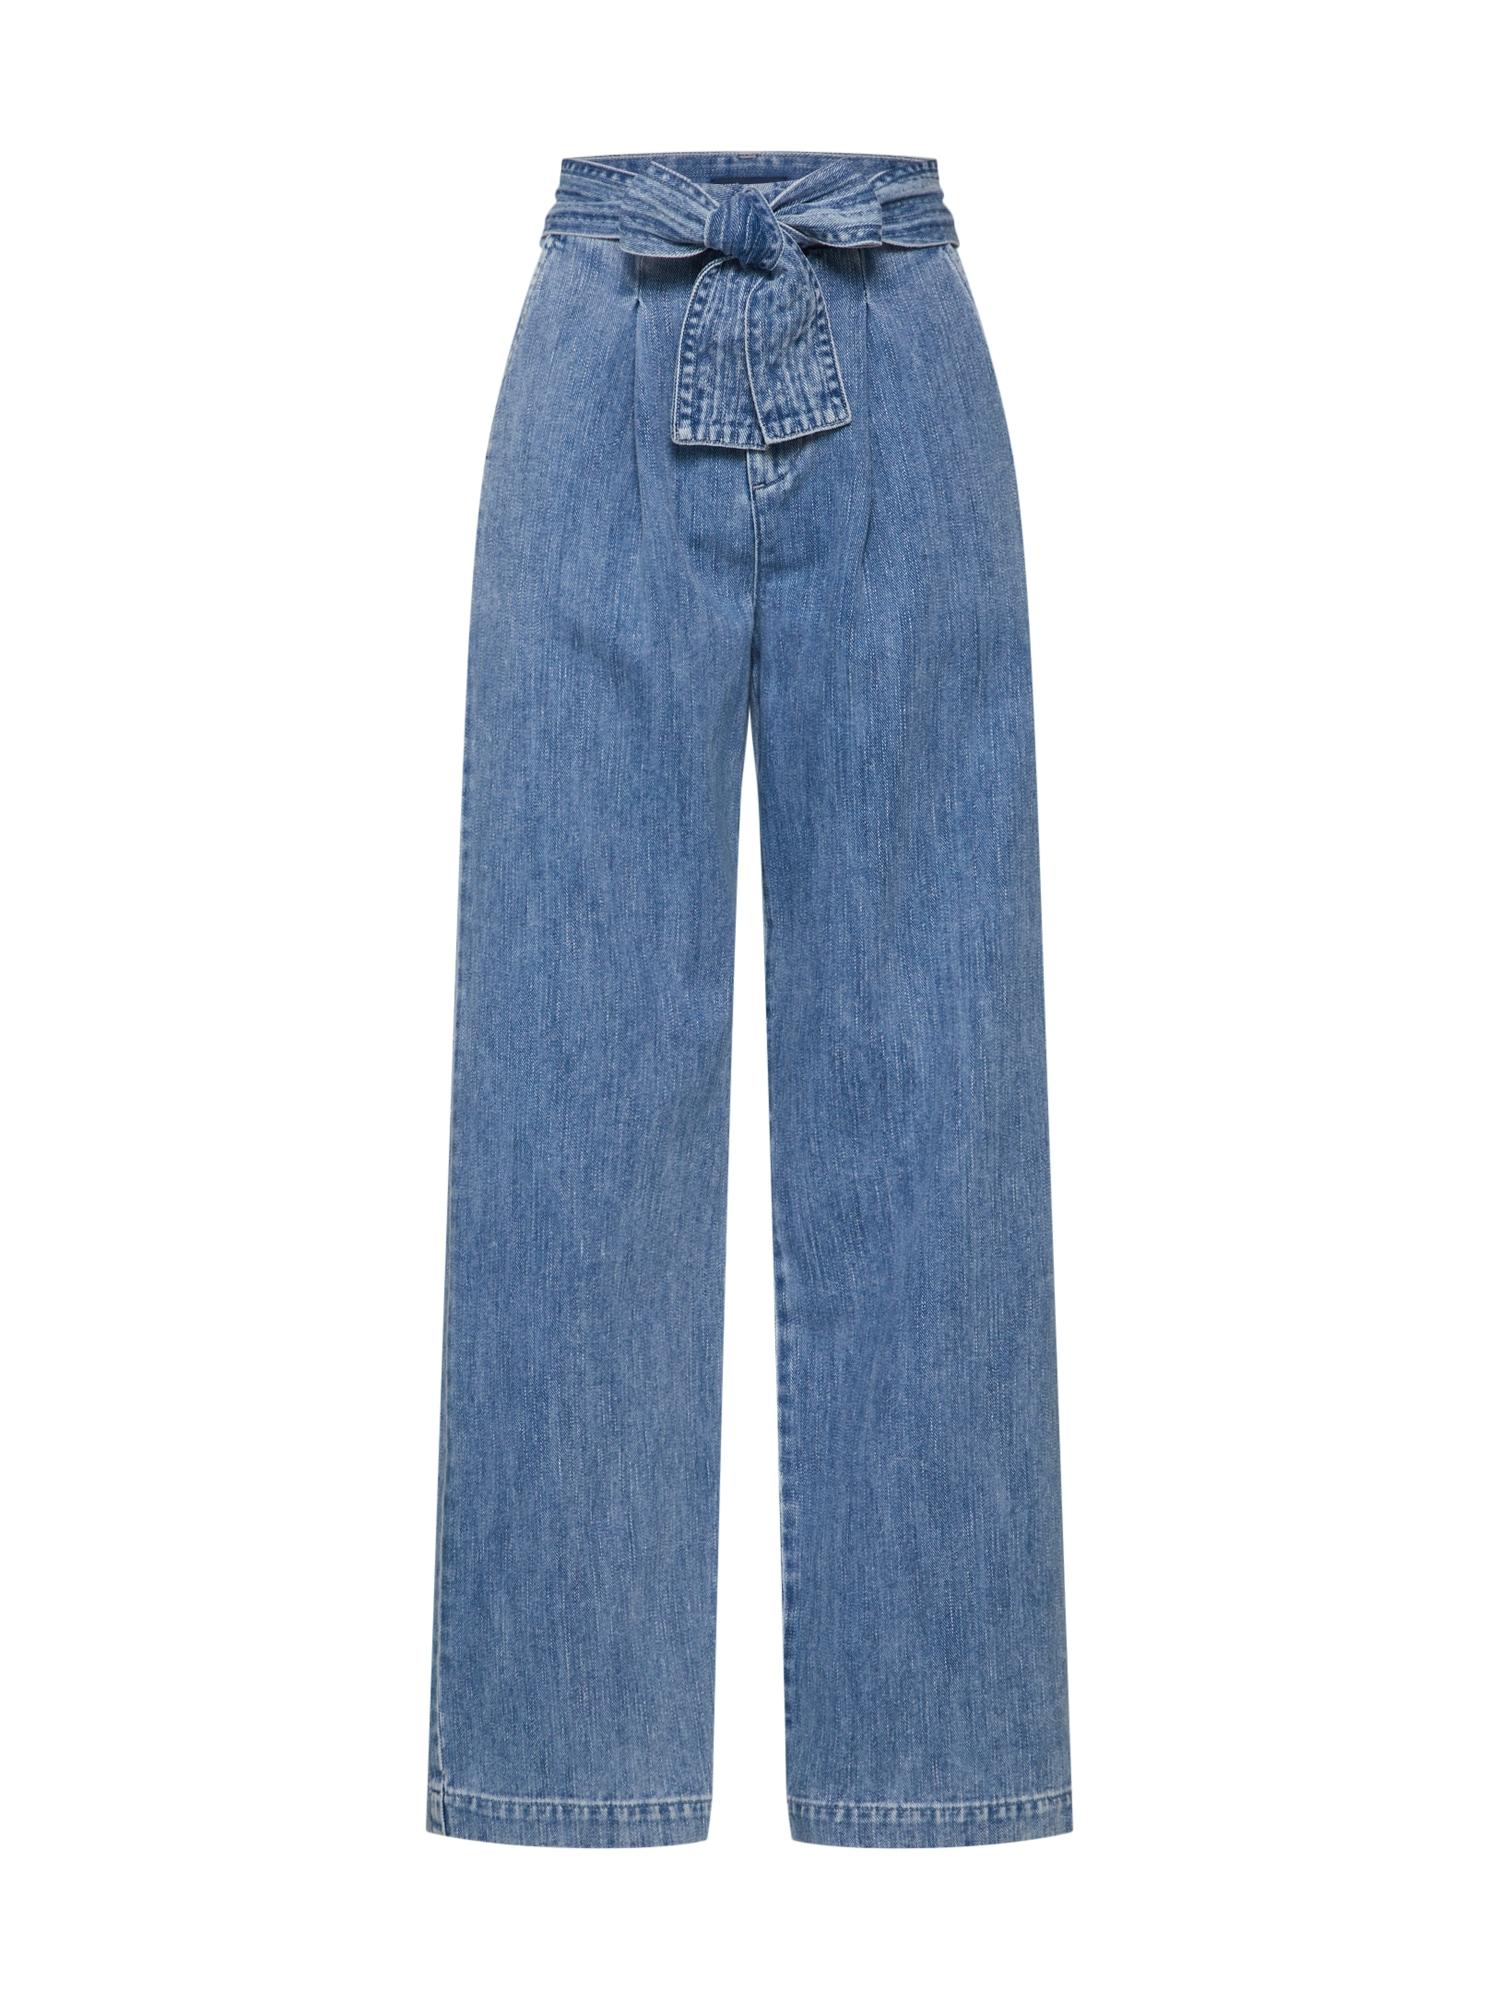 Levis Made & Crafted Džíny LMC Tie Trousers modrá džínovina Levi's Made & Crafted